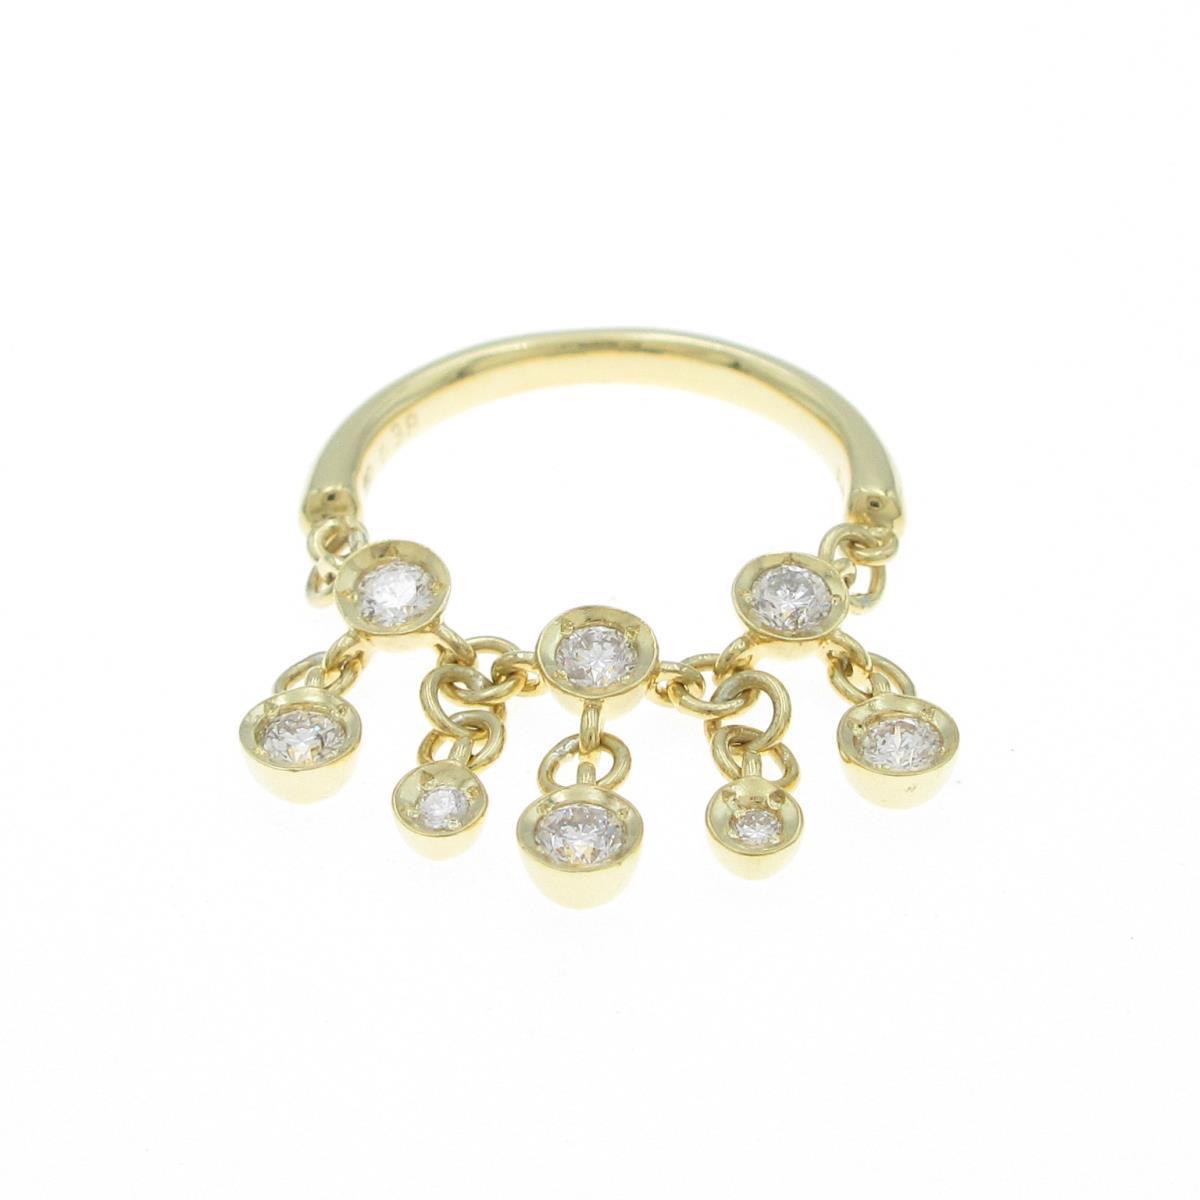 セイレーン 低価格 アズーロ ダイヤモンドリング 日本最大級の品揃え 中古